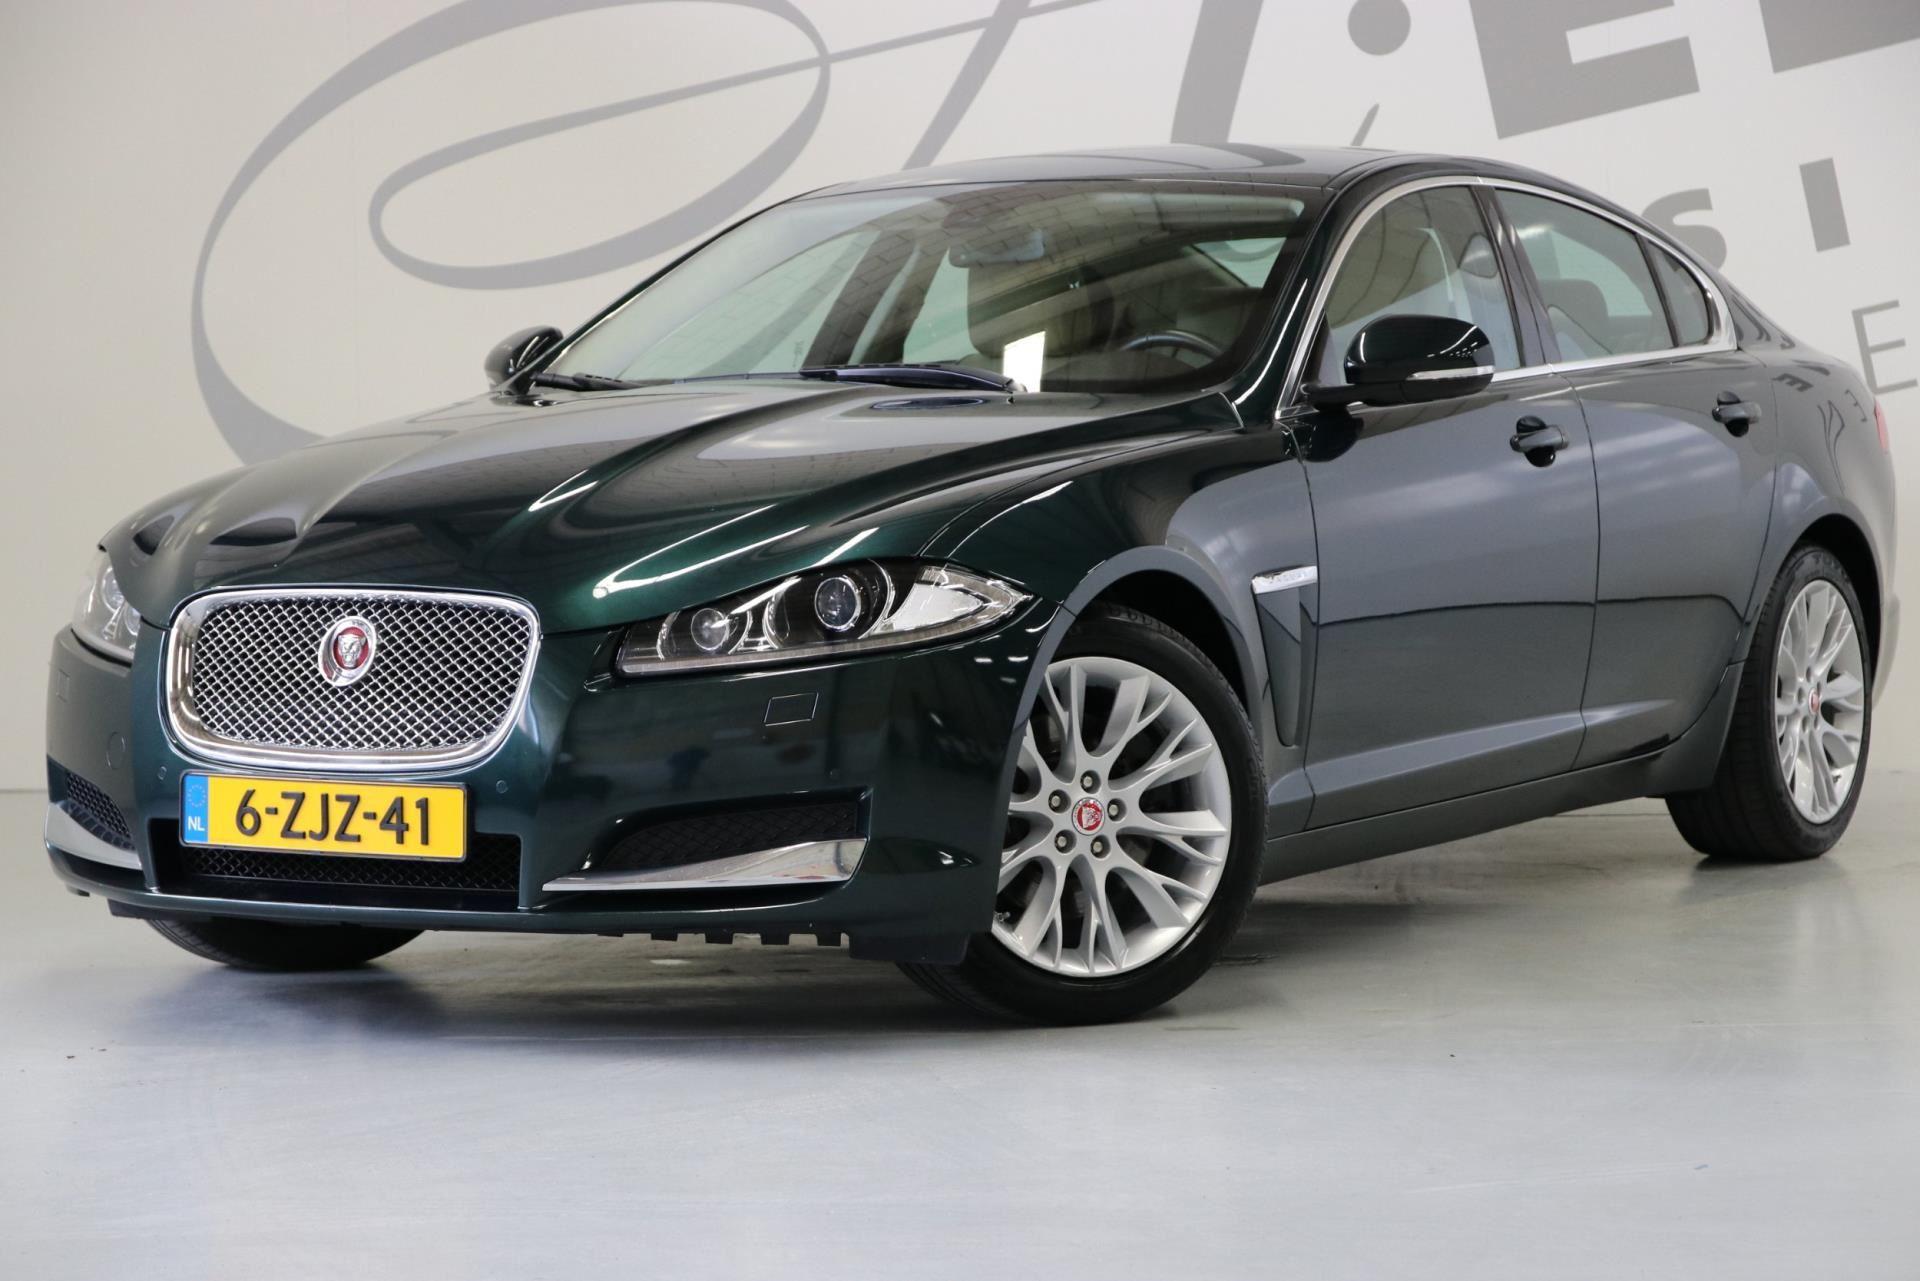 Jaguar XF occasion - Aeen Exclusieve Automobielen